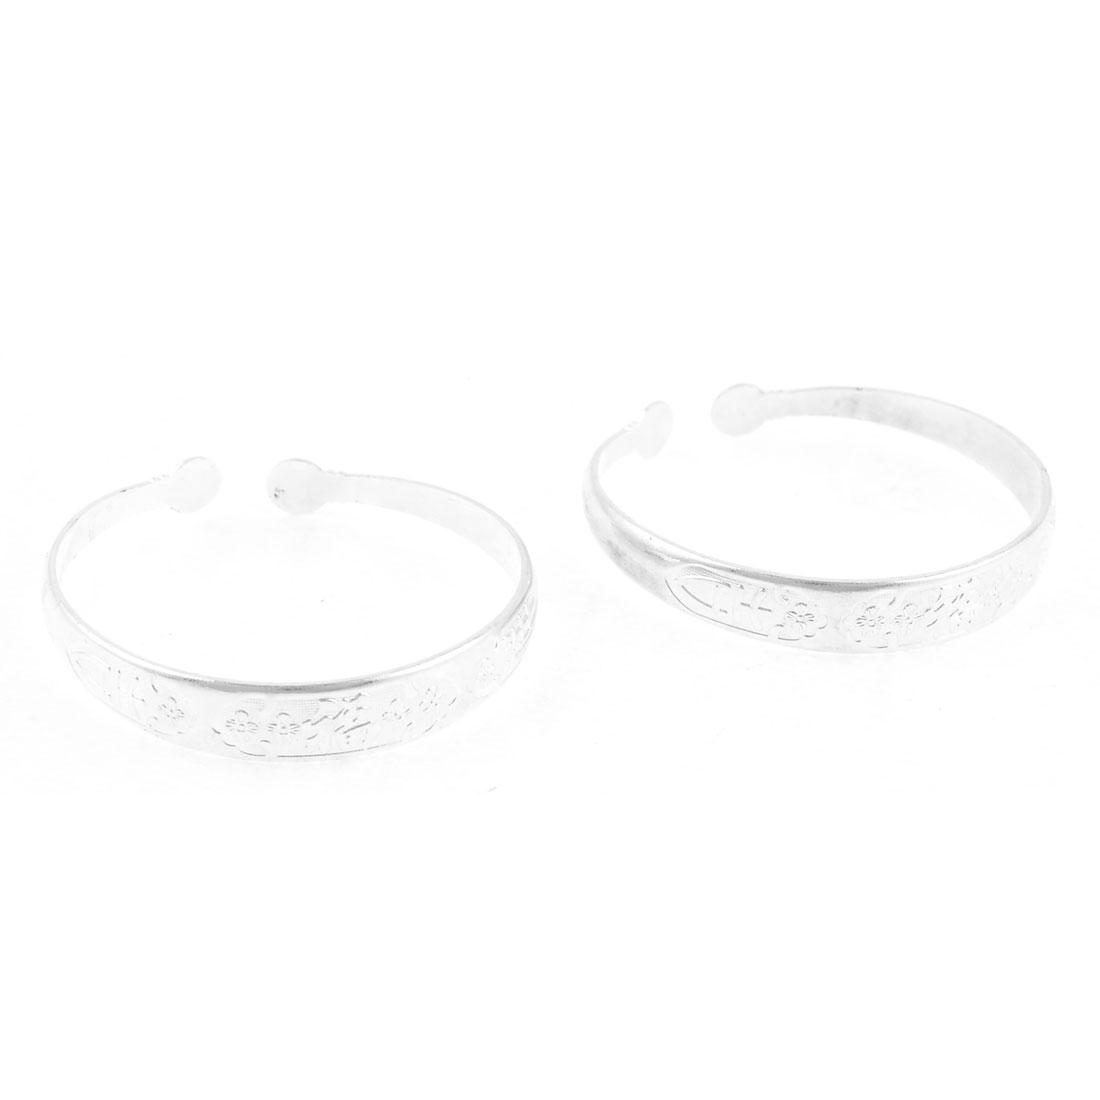 2 Pcs Floral Hanzi Pattern Metal Wrist Bracelet Silver Tone for Ladies